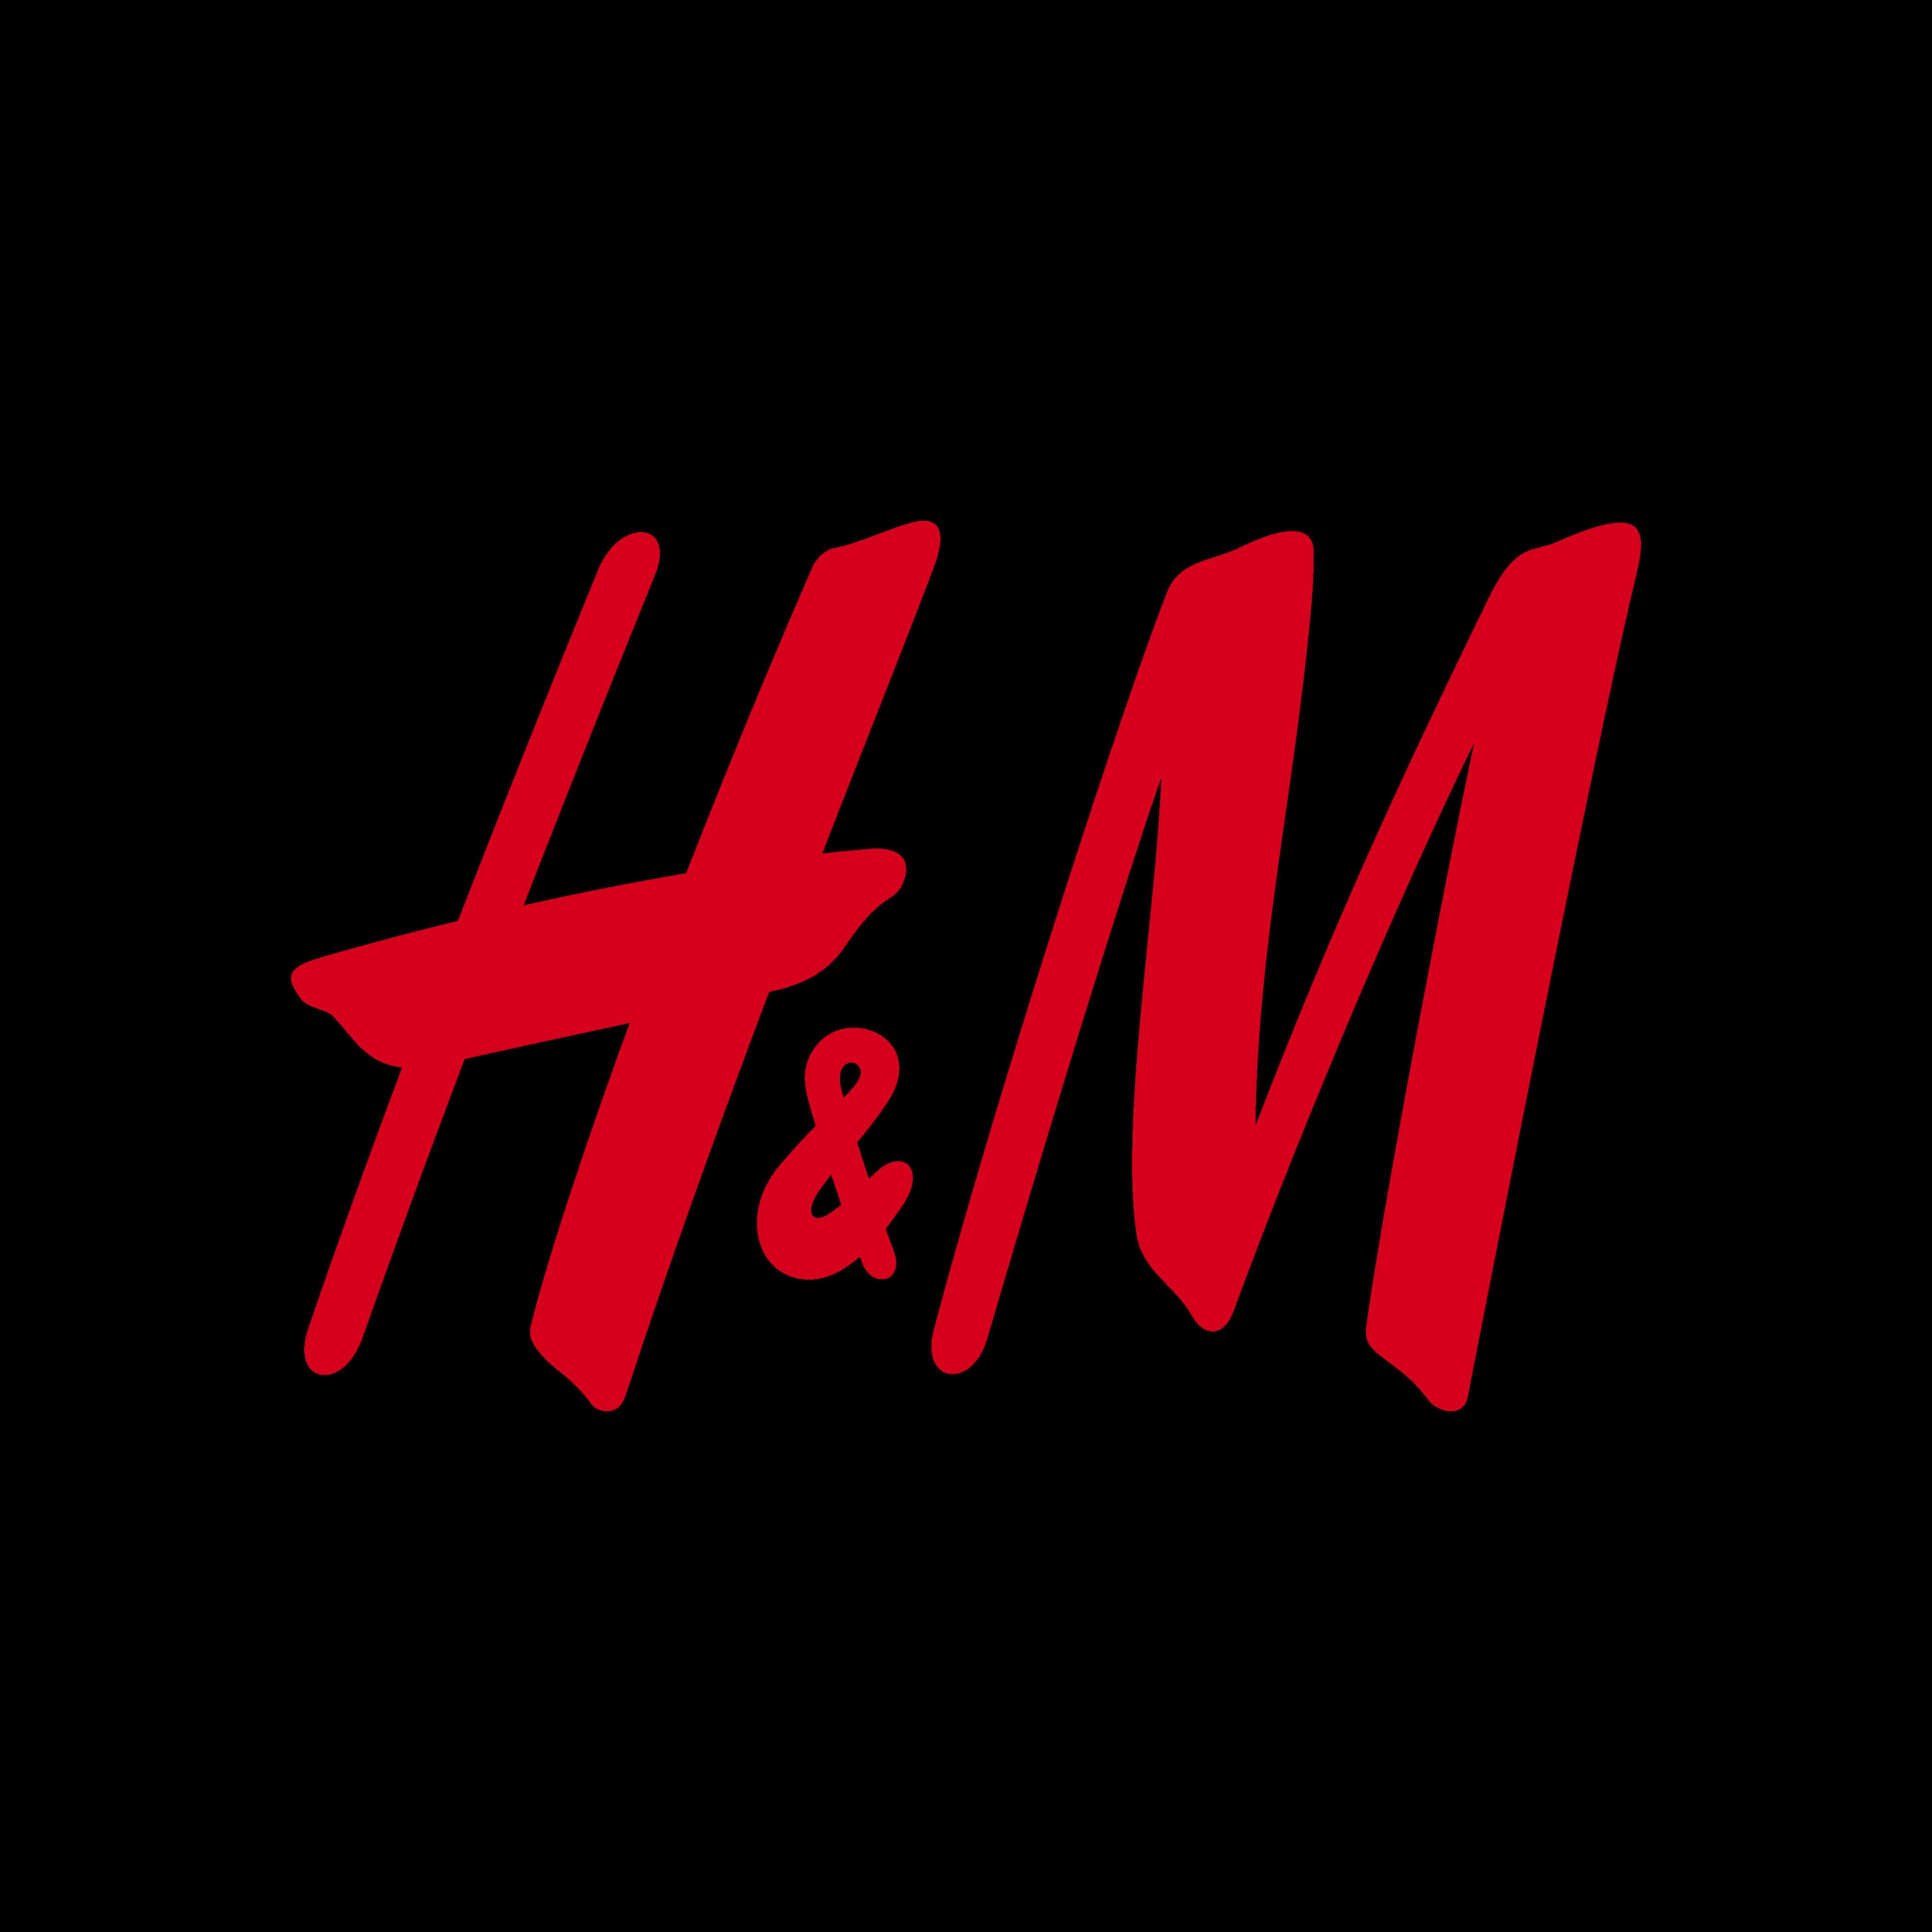 h m logo 0 - H&M Logo